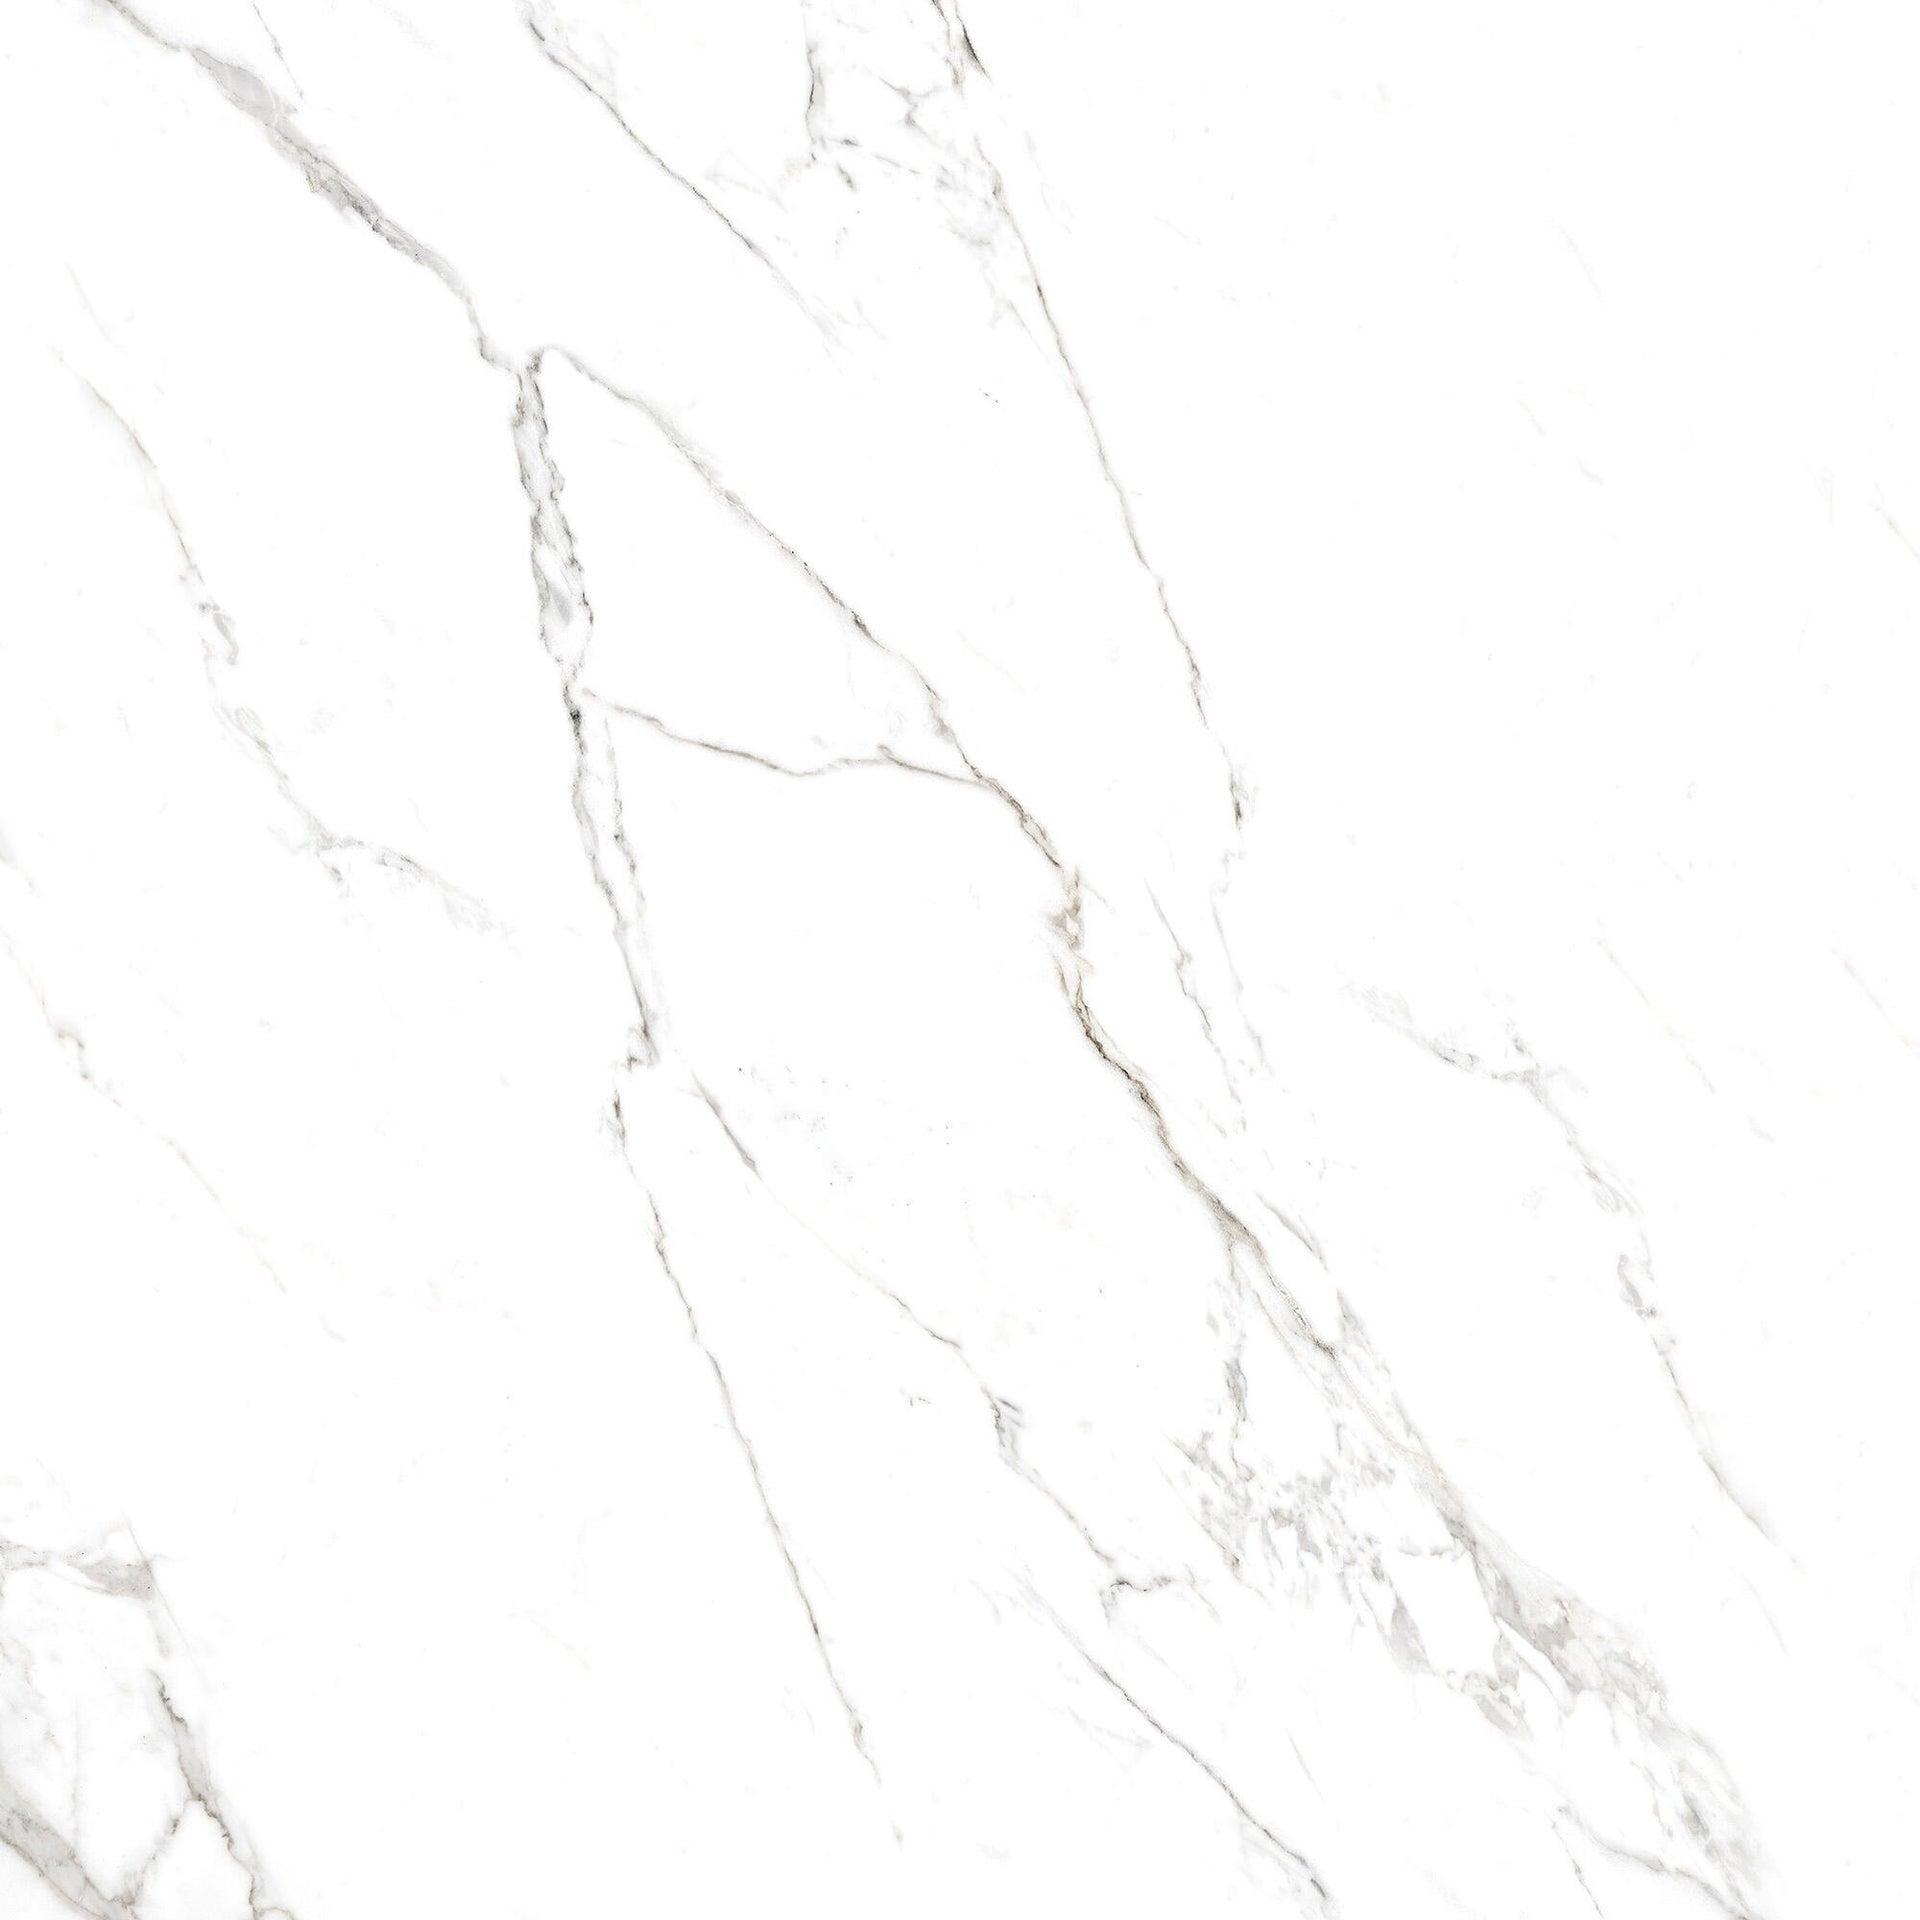 Piastrella Canova Statuario 60 x 60 cm sp. 9.5 mm PEI 5/5 bianco - 4